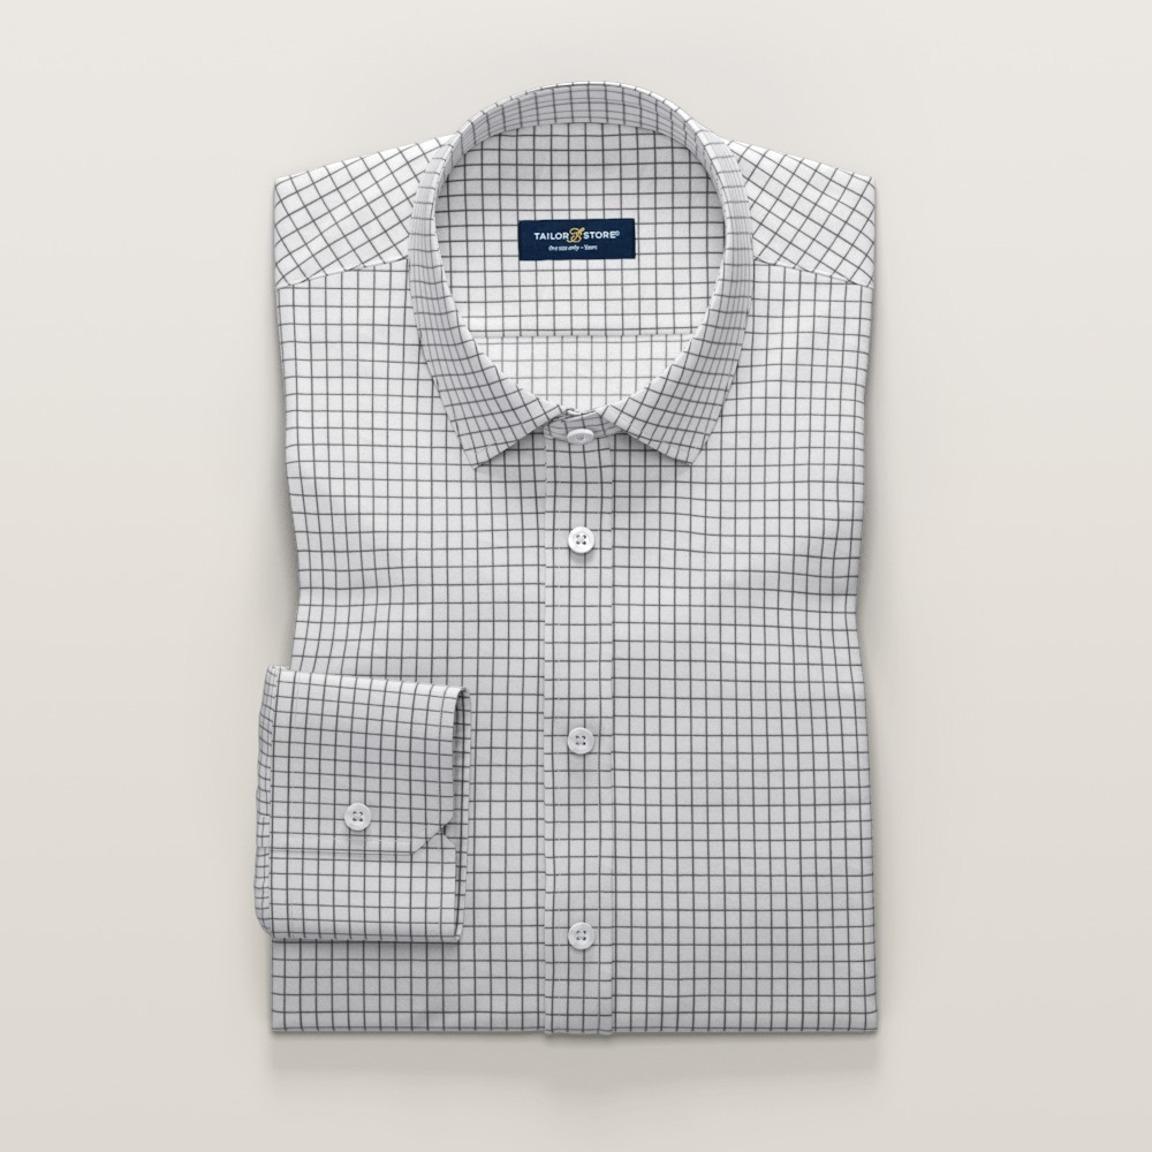 Business-skjorte til dame, med ruter i svart og hvit twill